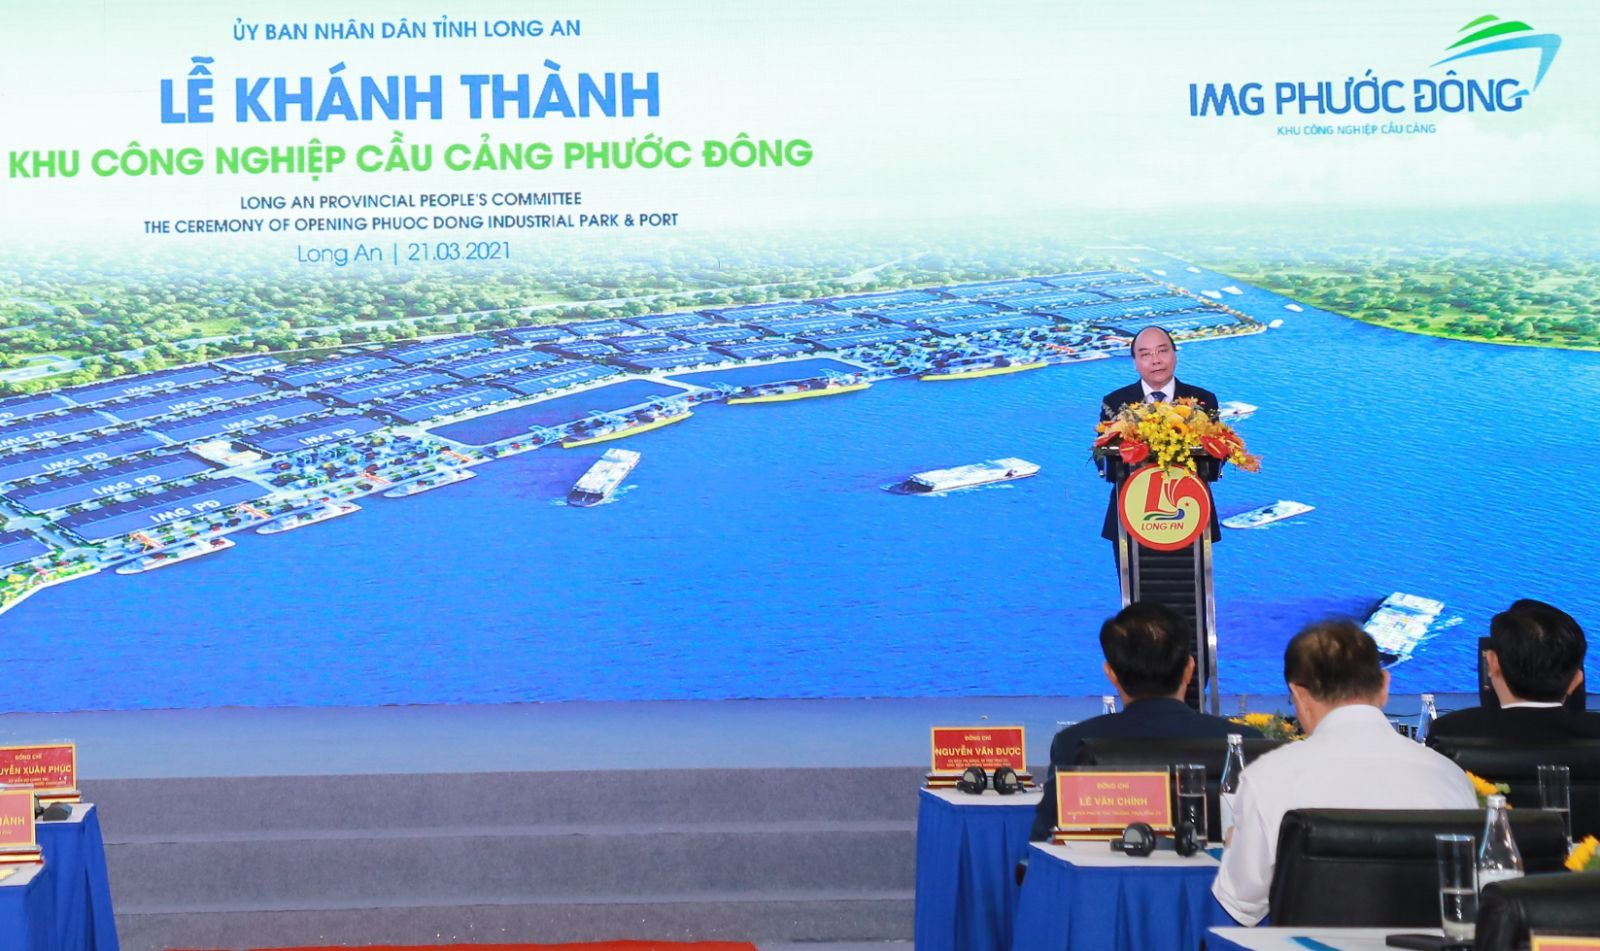 thu tuong nguyen xuan phuc tham du le khanh thanh khu cong nghiep cau cang img phuoc dong   long an